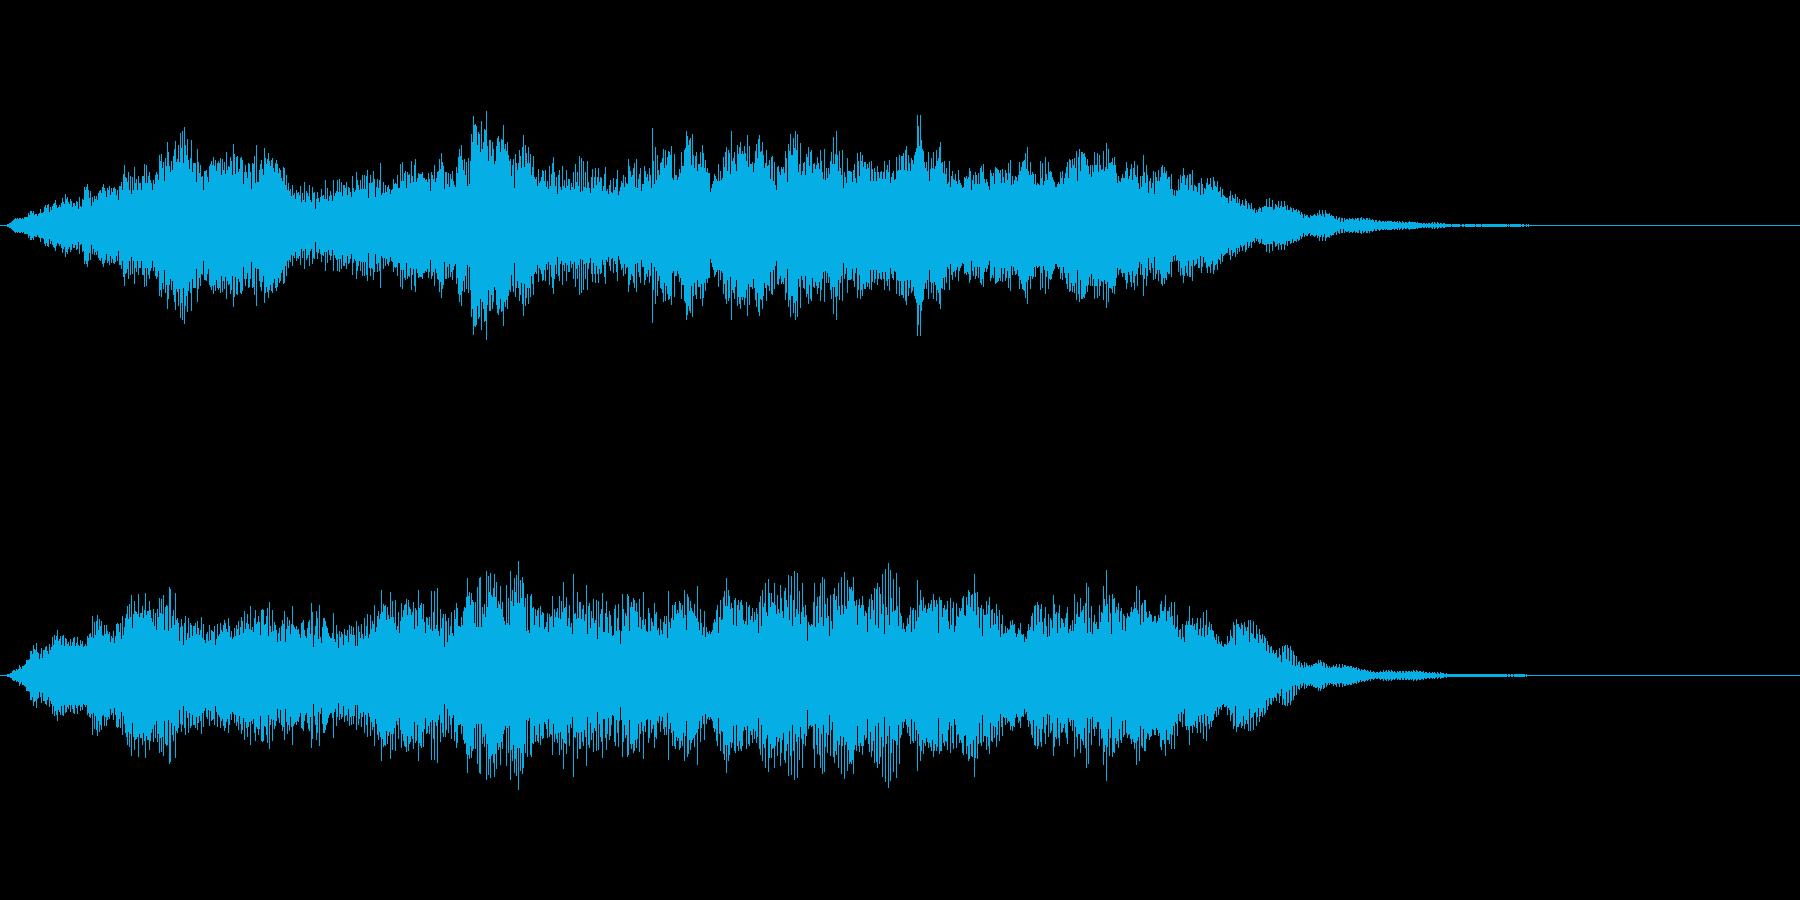 穏やかな弦楽オーケストラ風のジングルの再生済みの波形